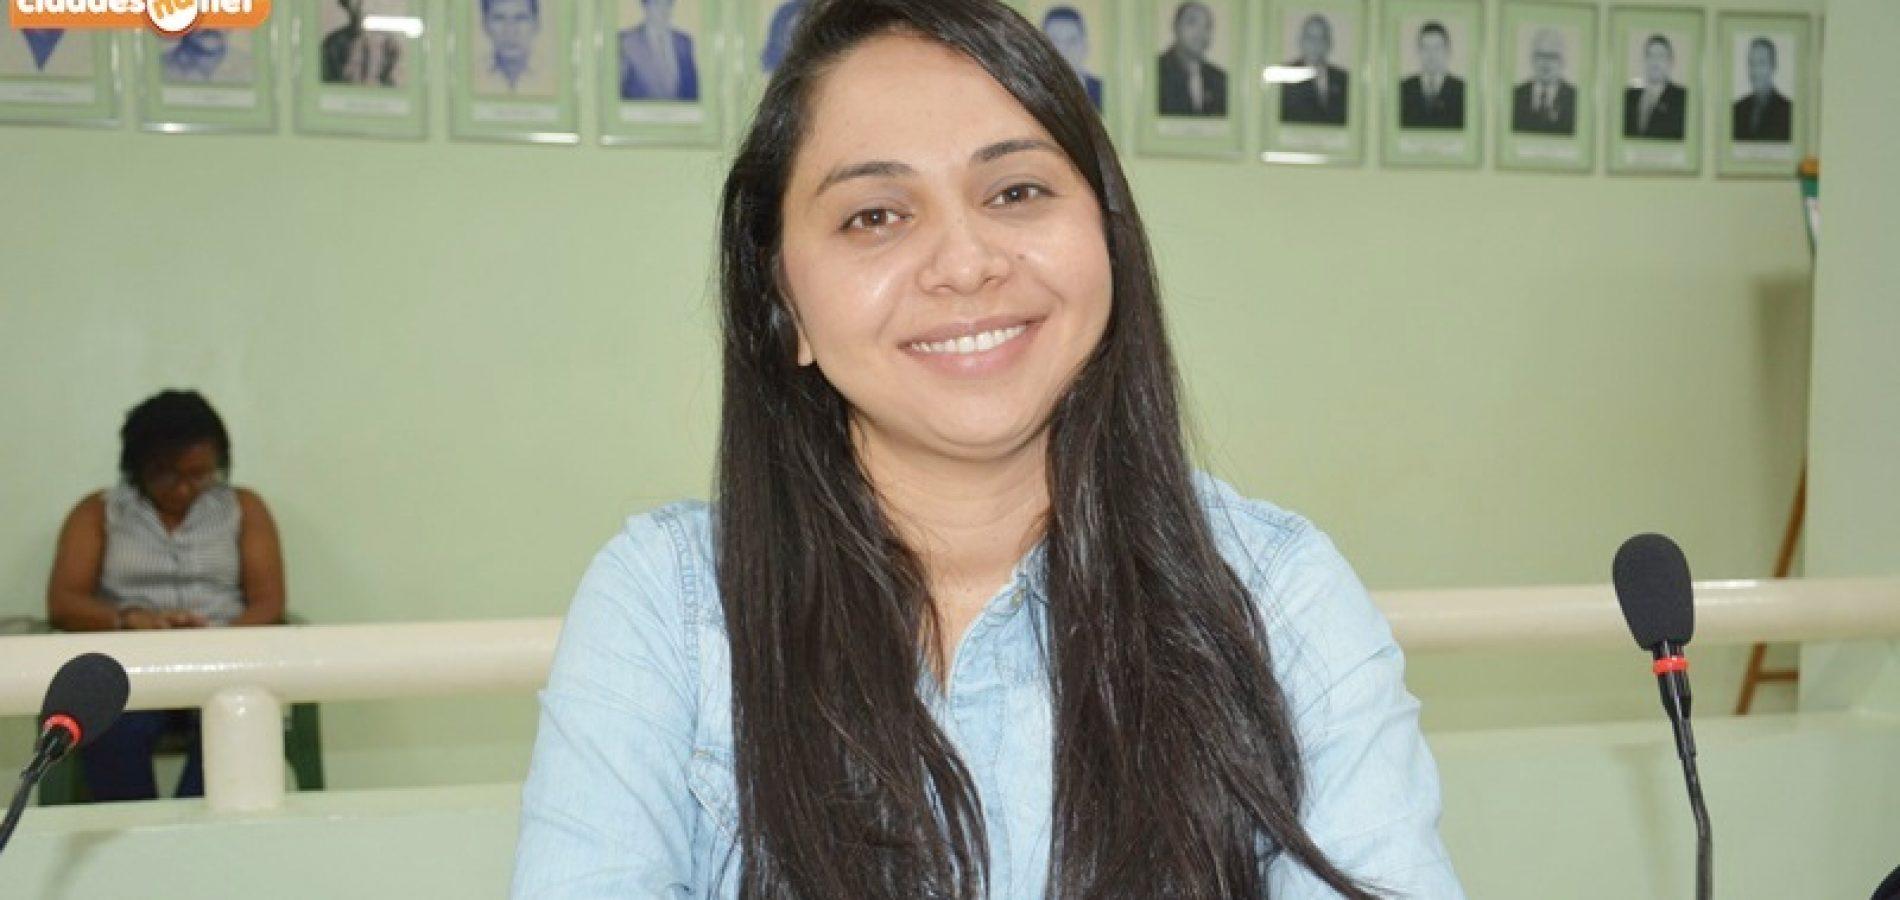 JAICÓS | Vereadora Pretinha quer informações sobre construção de Unidade Básica de Saúde na comunidade Gameleira